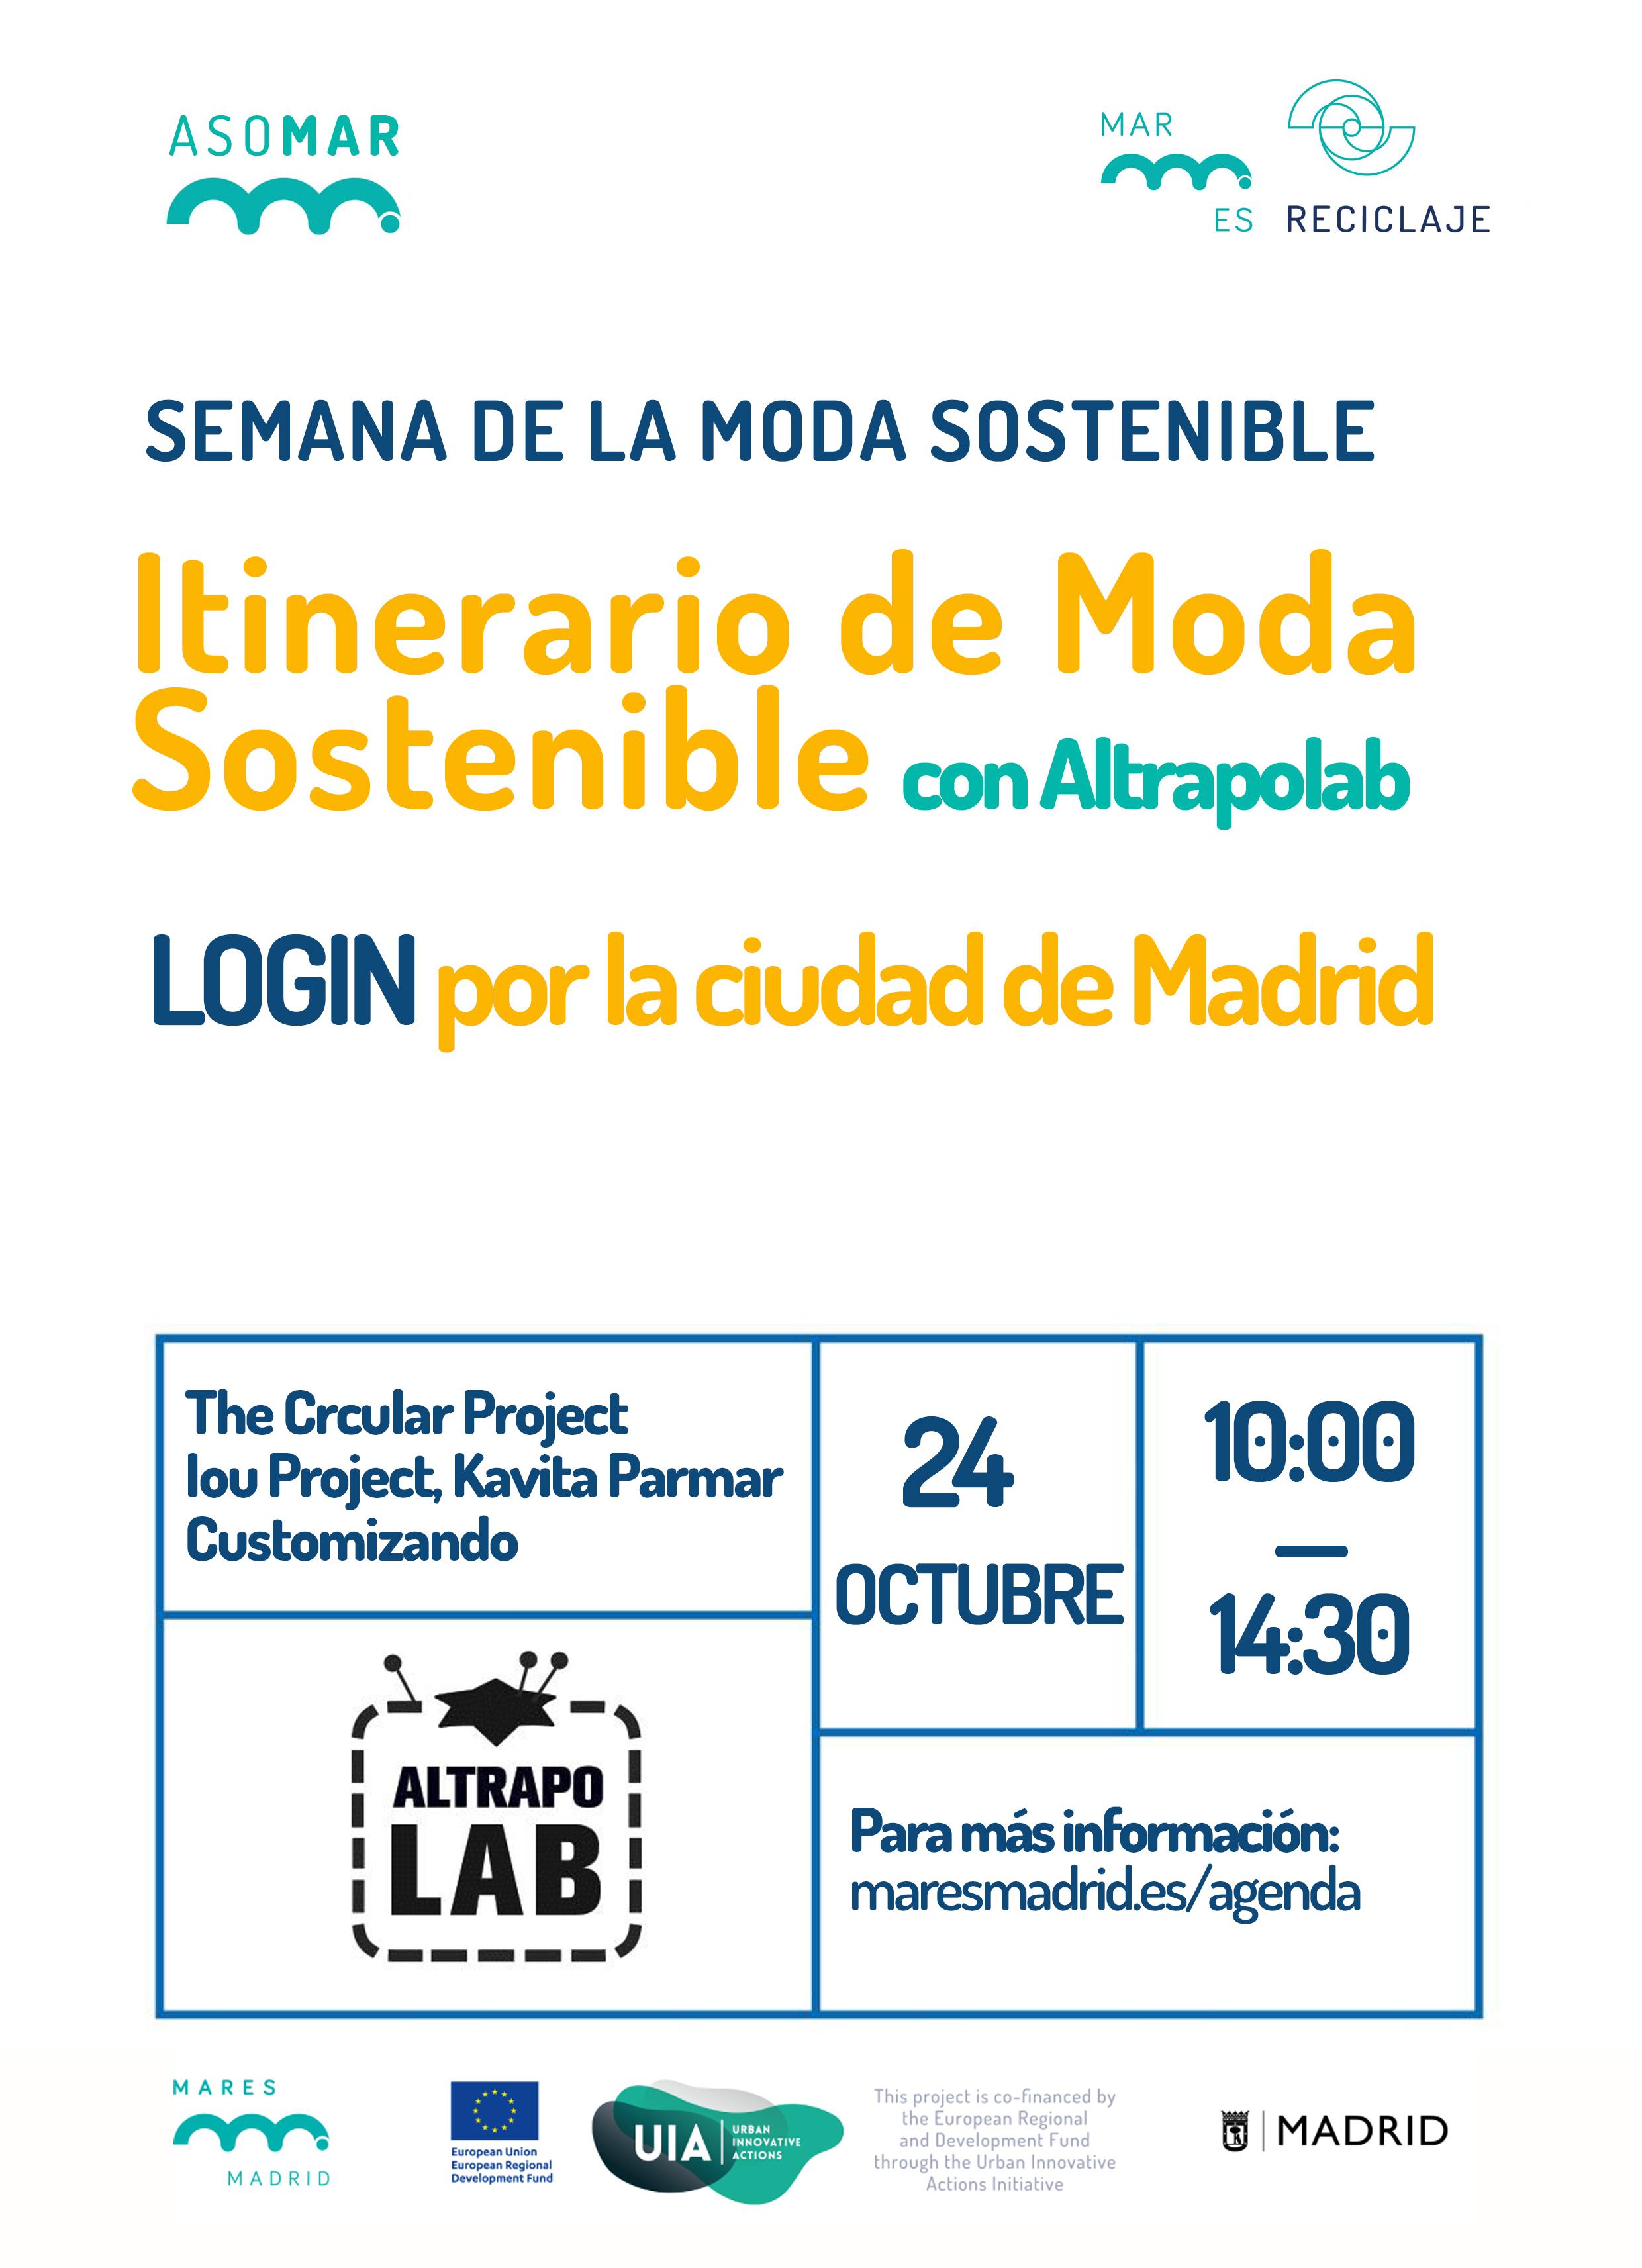 Itinerario de moda sostenible por la ciudad de Madrid · Mares Madrid